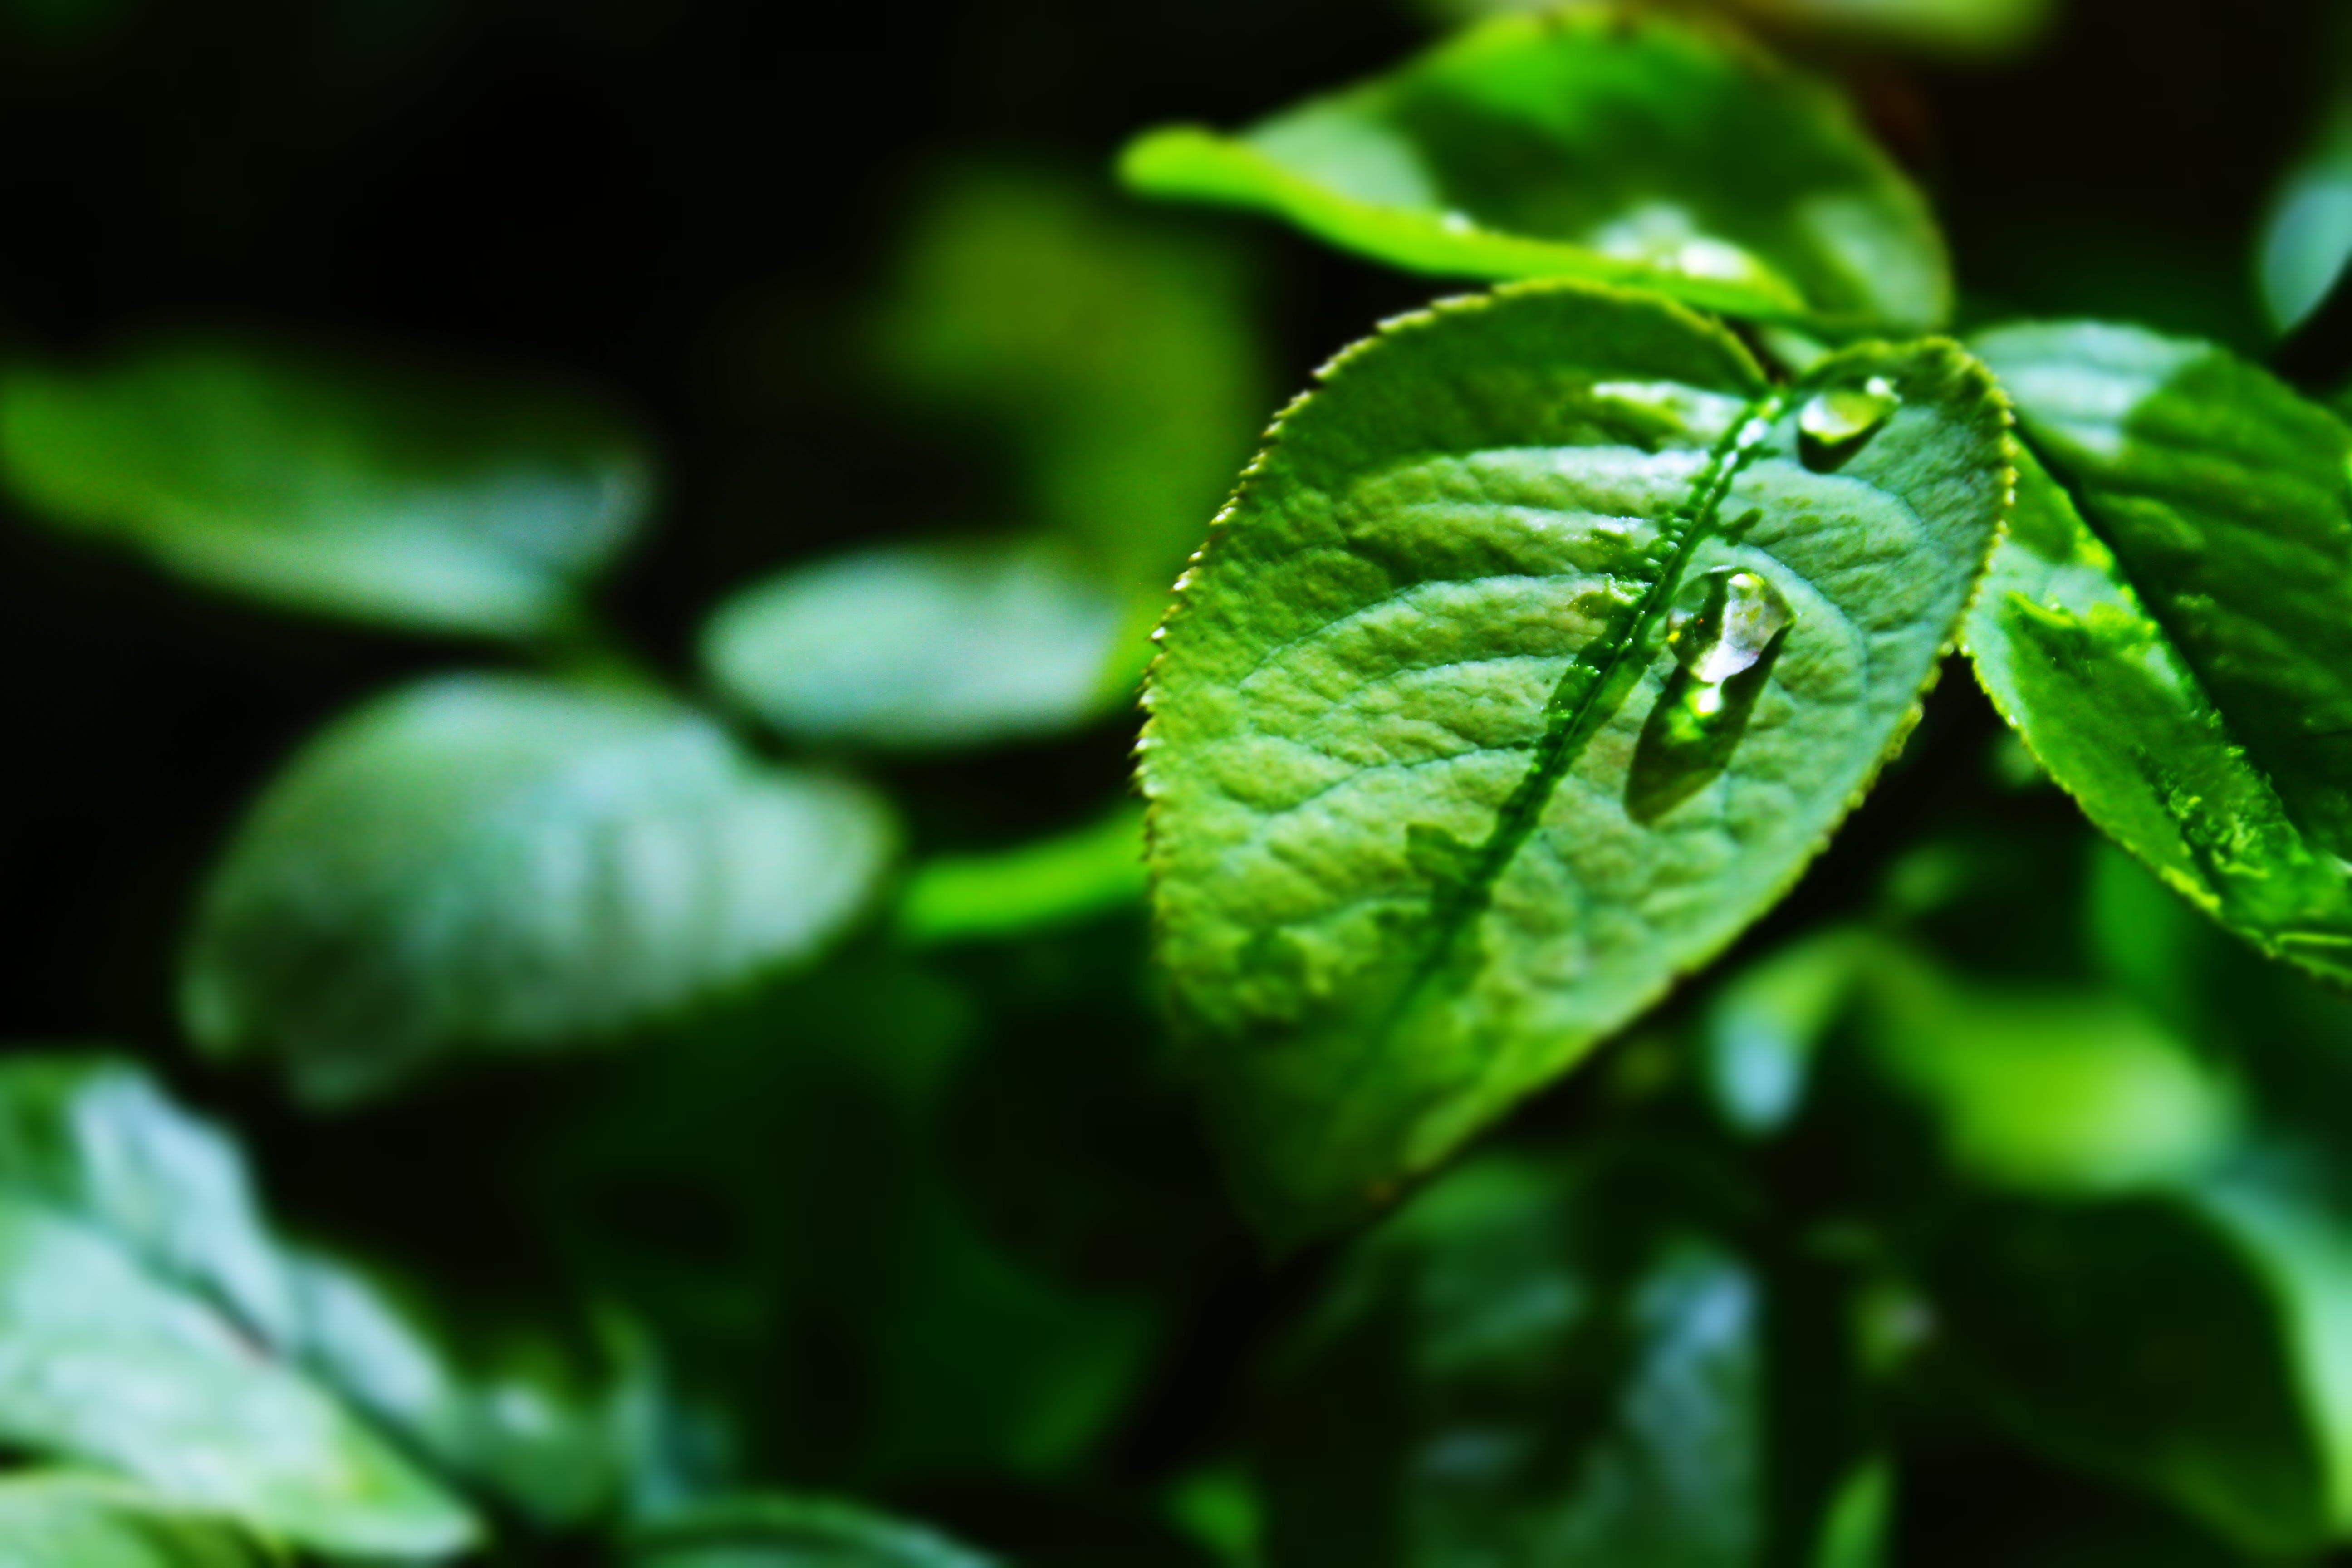 close-up, dew, droplets